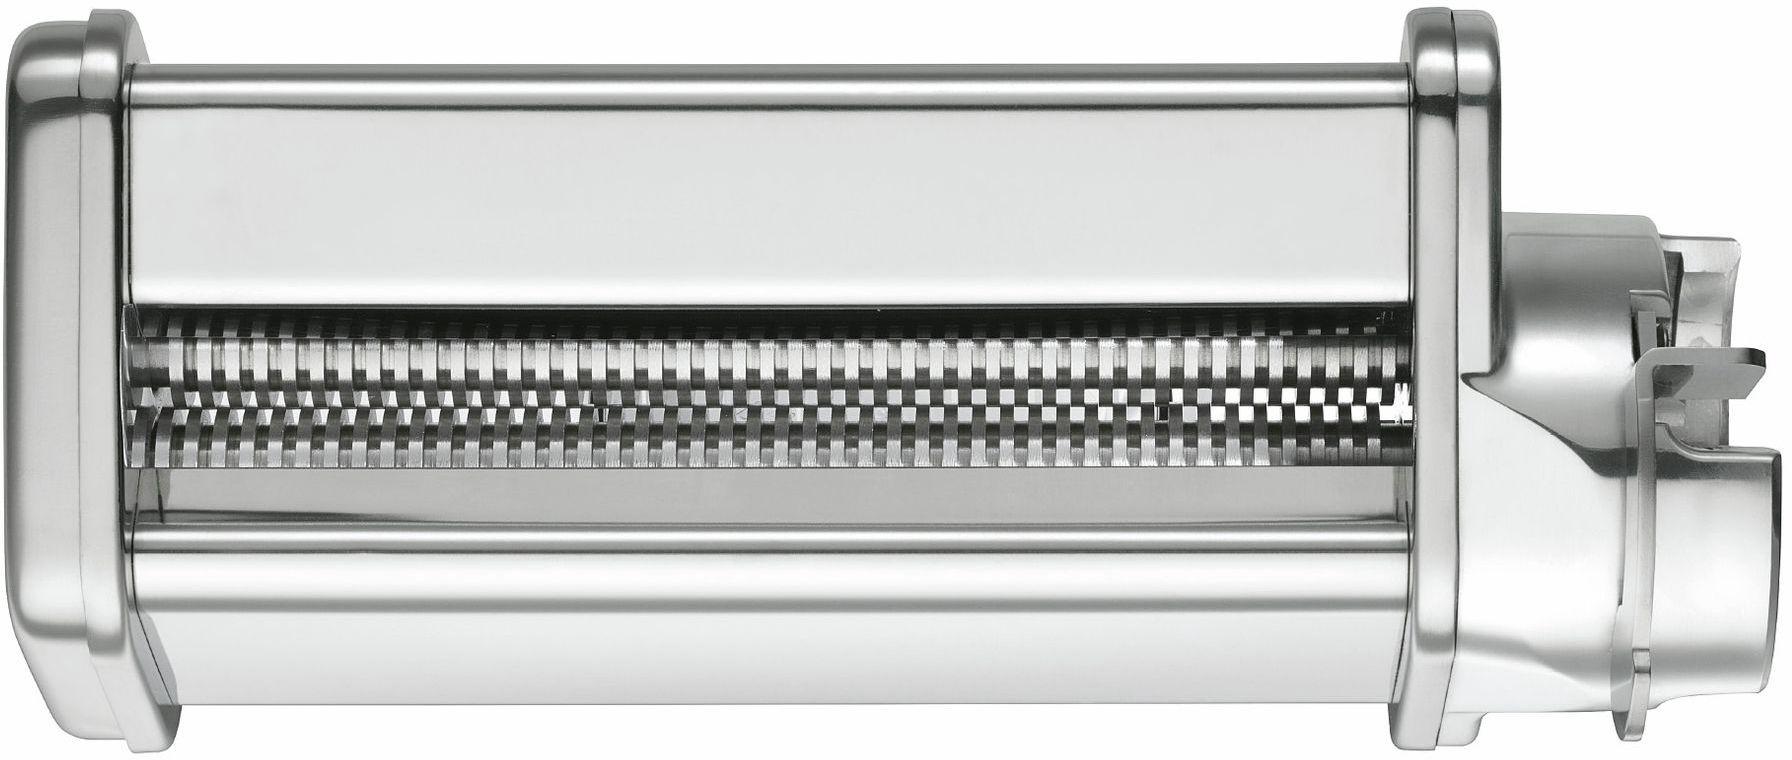 Sharplace 2pcs Gomma Bar Servizio Mat Stuoia In Vetro Impermeabile Cucina In Vetro Pvc 8x58 Cm